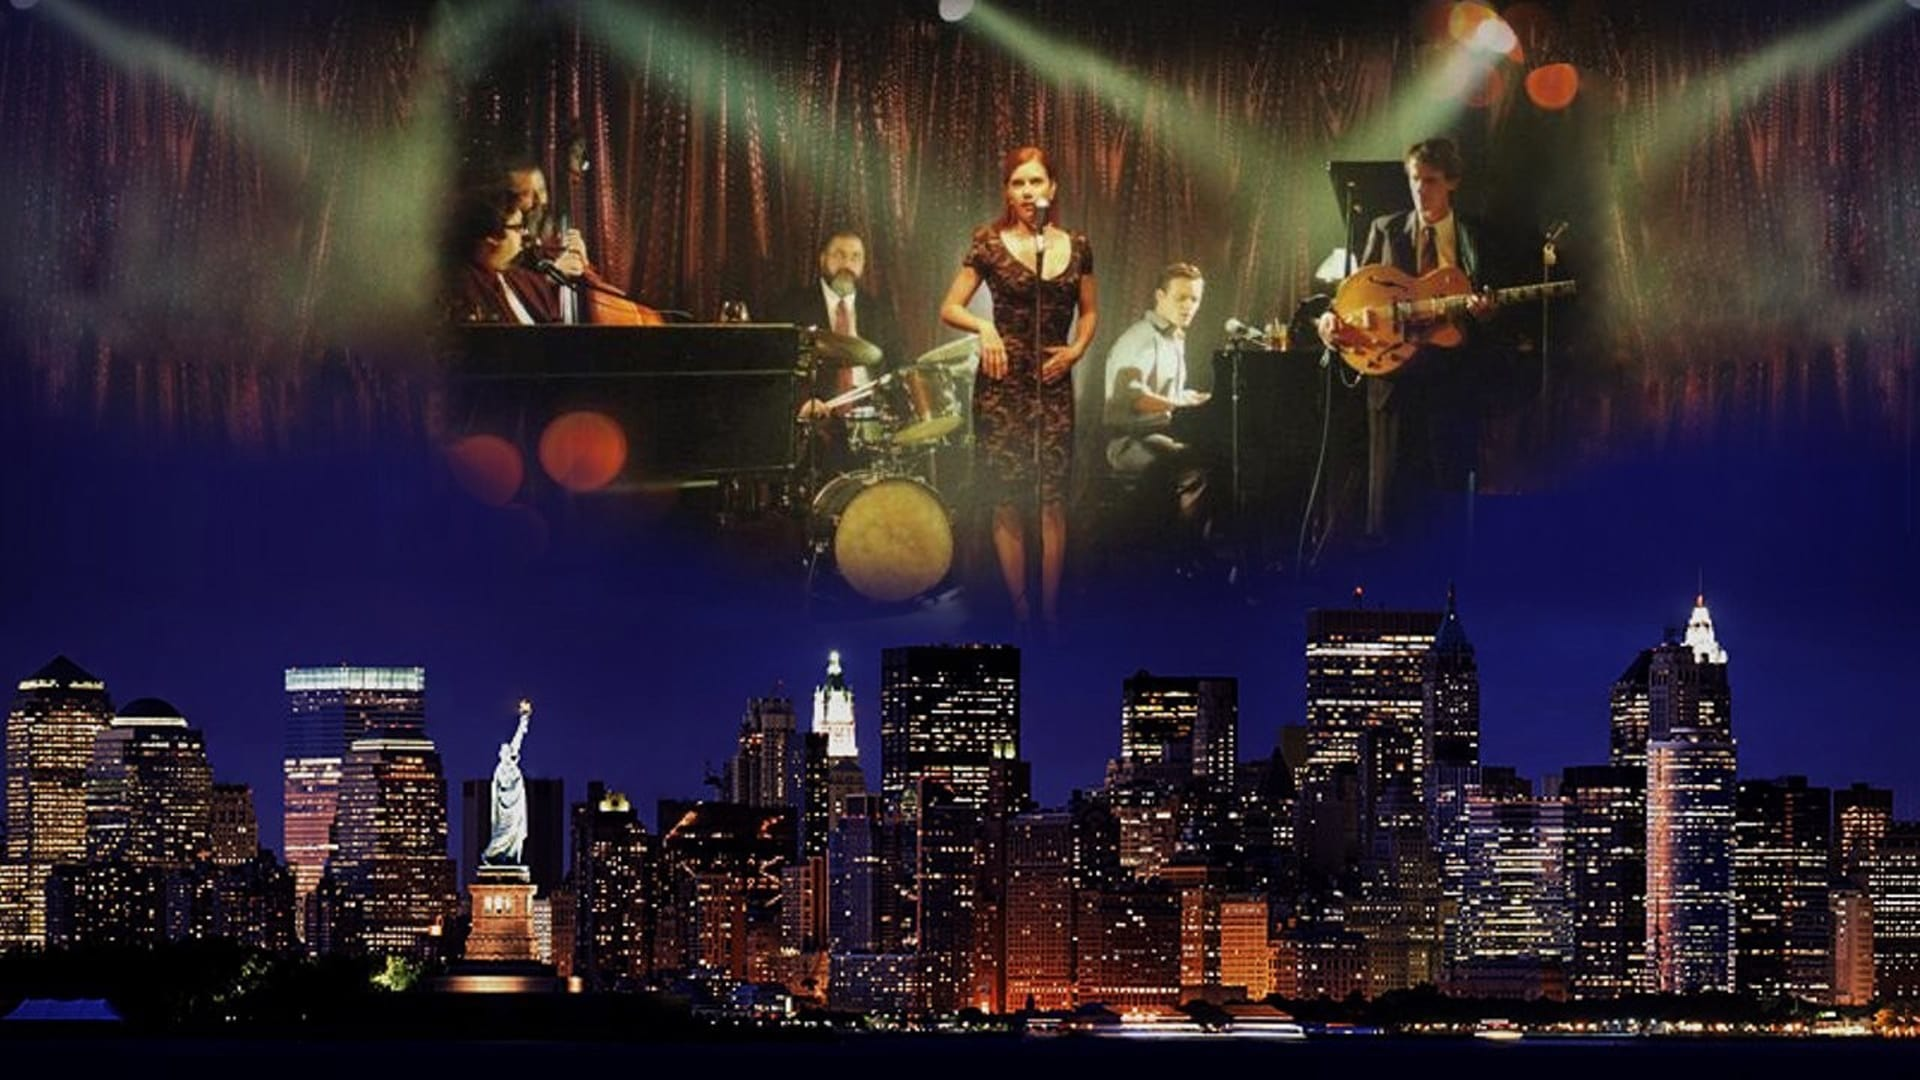 Moonlight Serenade (2009)